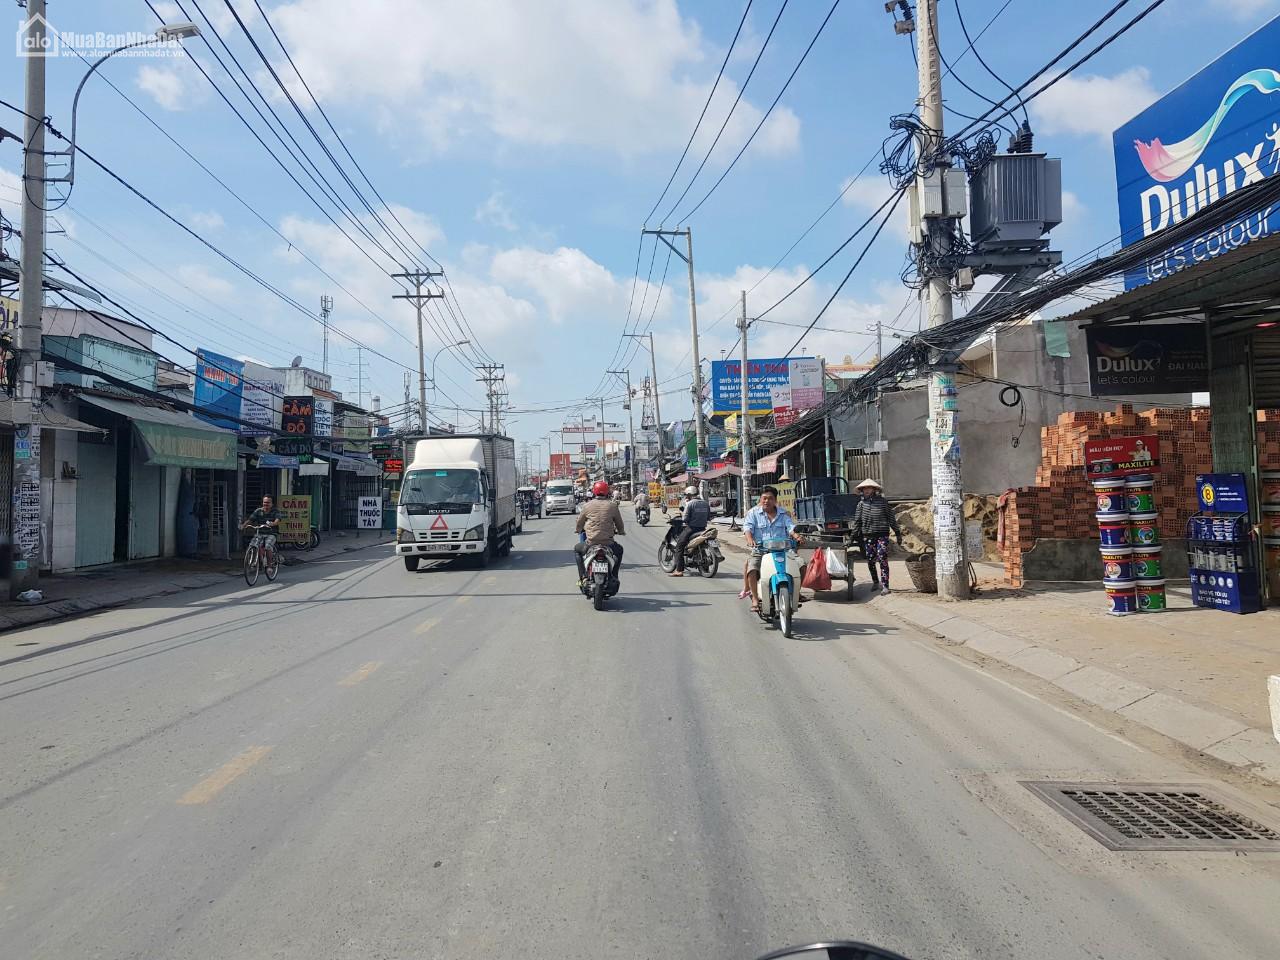 Quốc lộ 50 – Thông tin mới quy hoạch và các dự án xung quanh